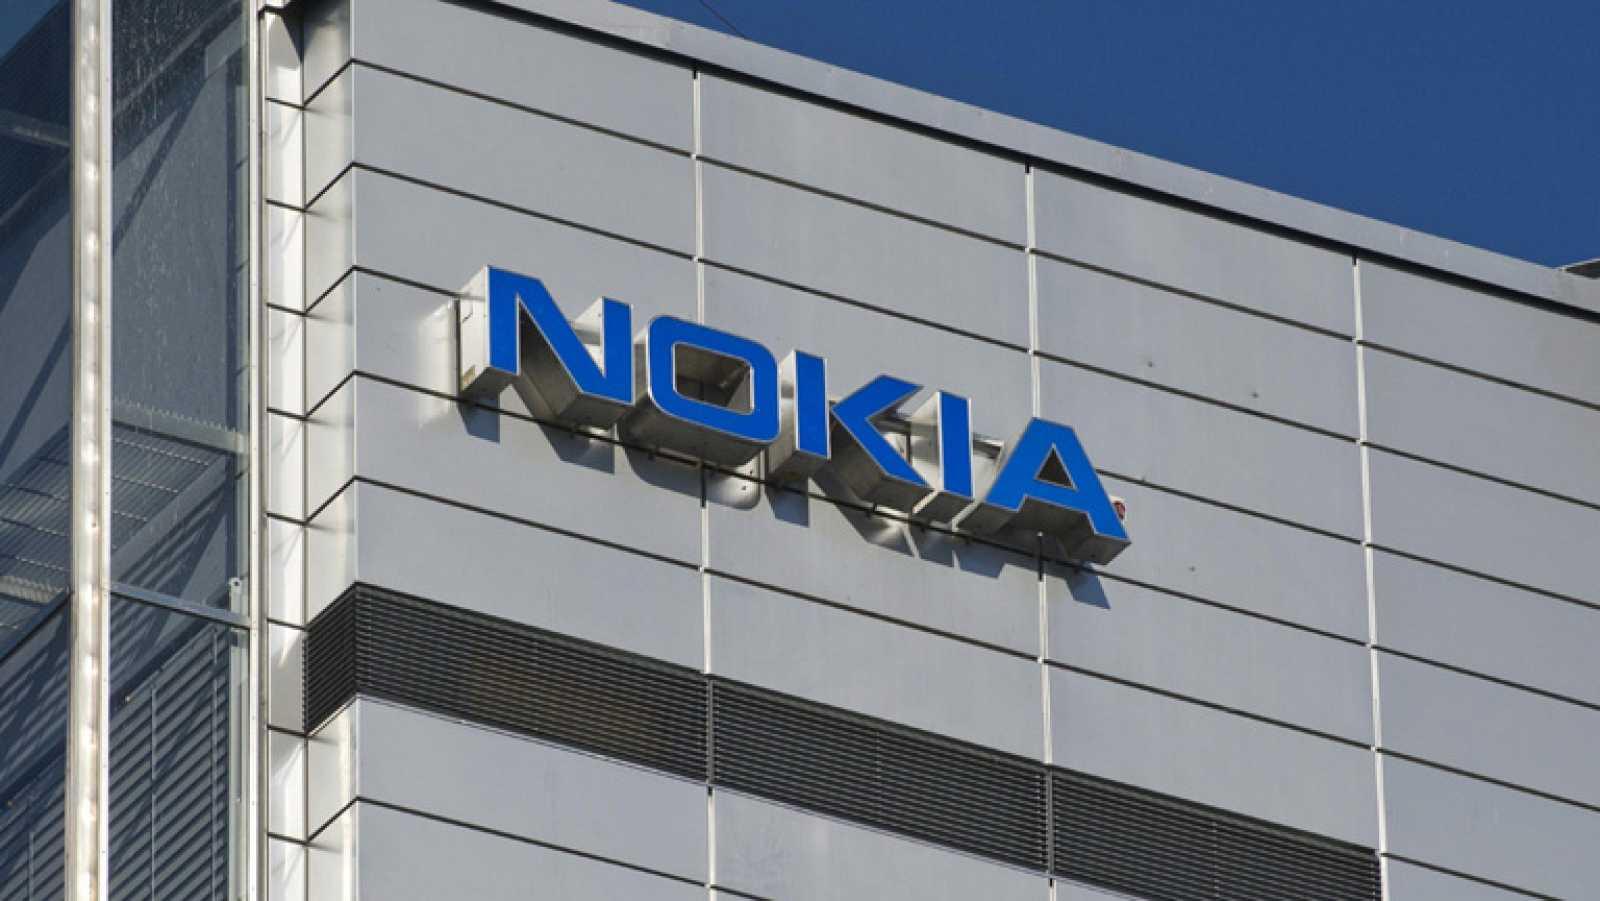 Microsoft compra el departamento de telefonía móvil de Nokia por 5.440 millones de euros